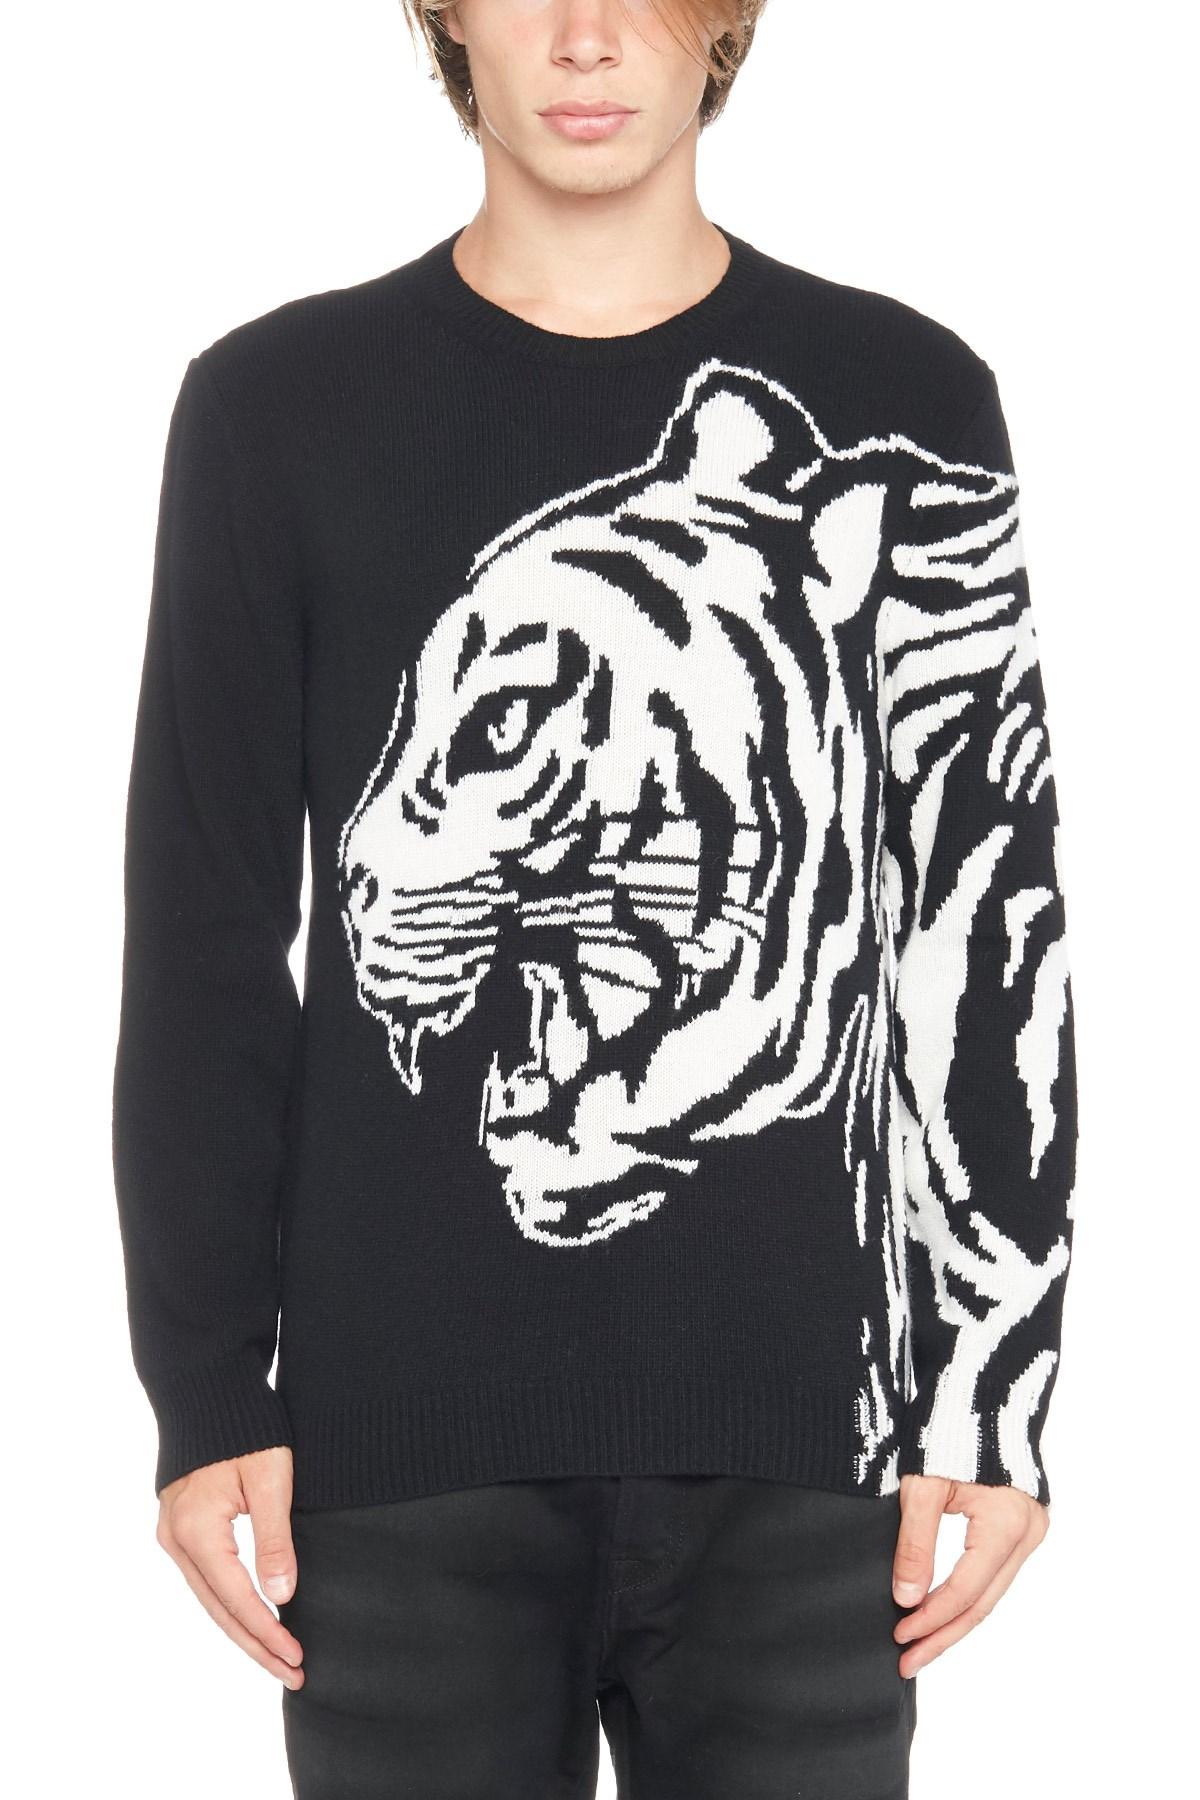 Maglia Maglia Valentino Con Intarsio Intarsio Con Con Tigre Maglia Intarsio Valentino Tigre Tigre rr58UqOcd